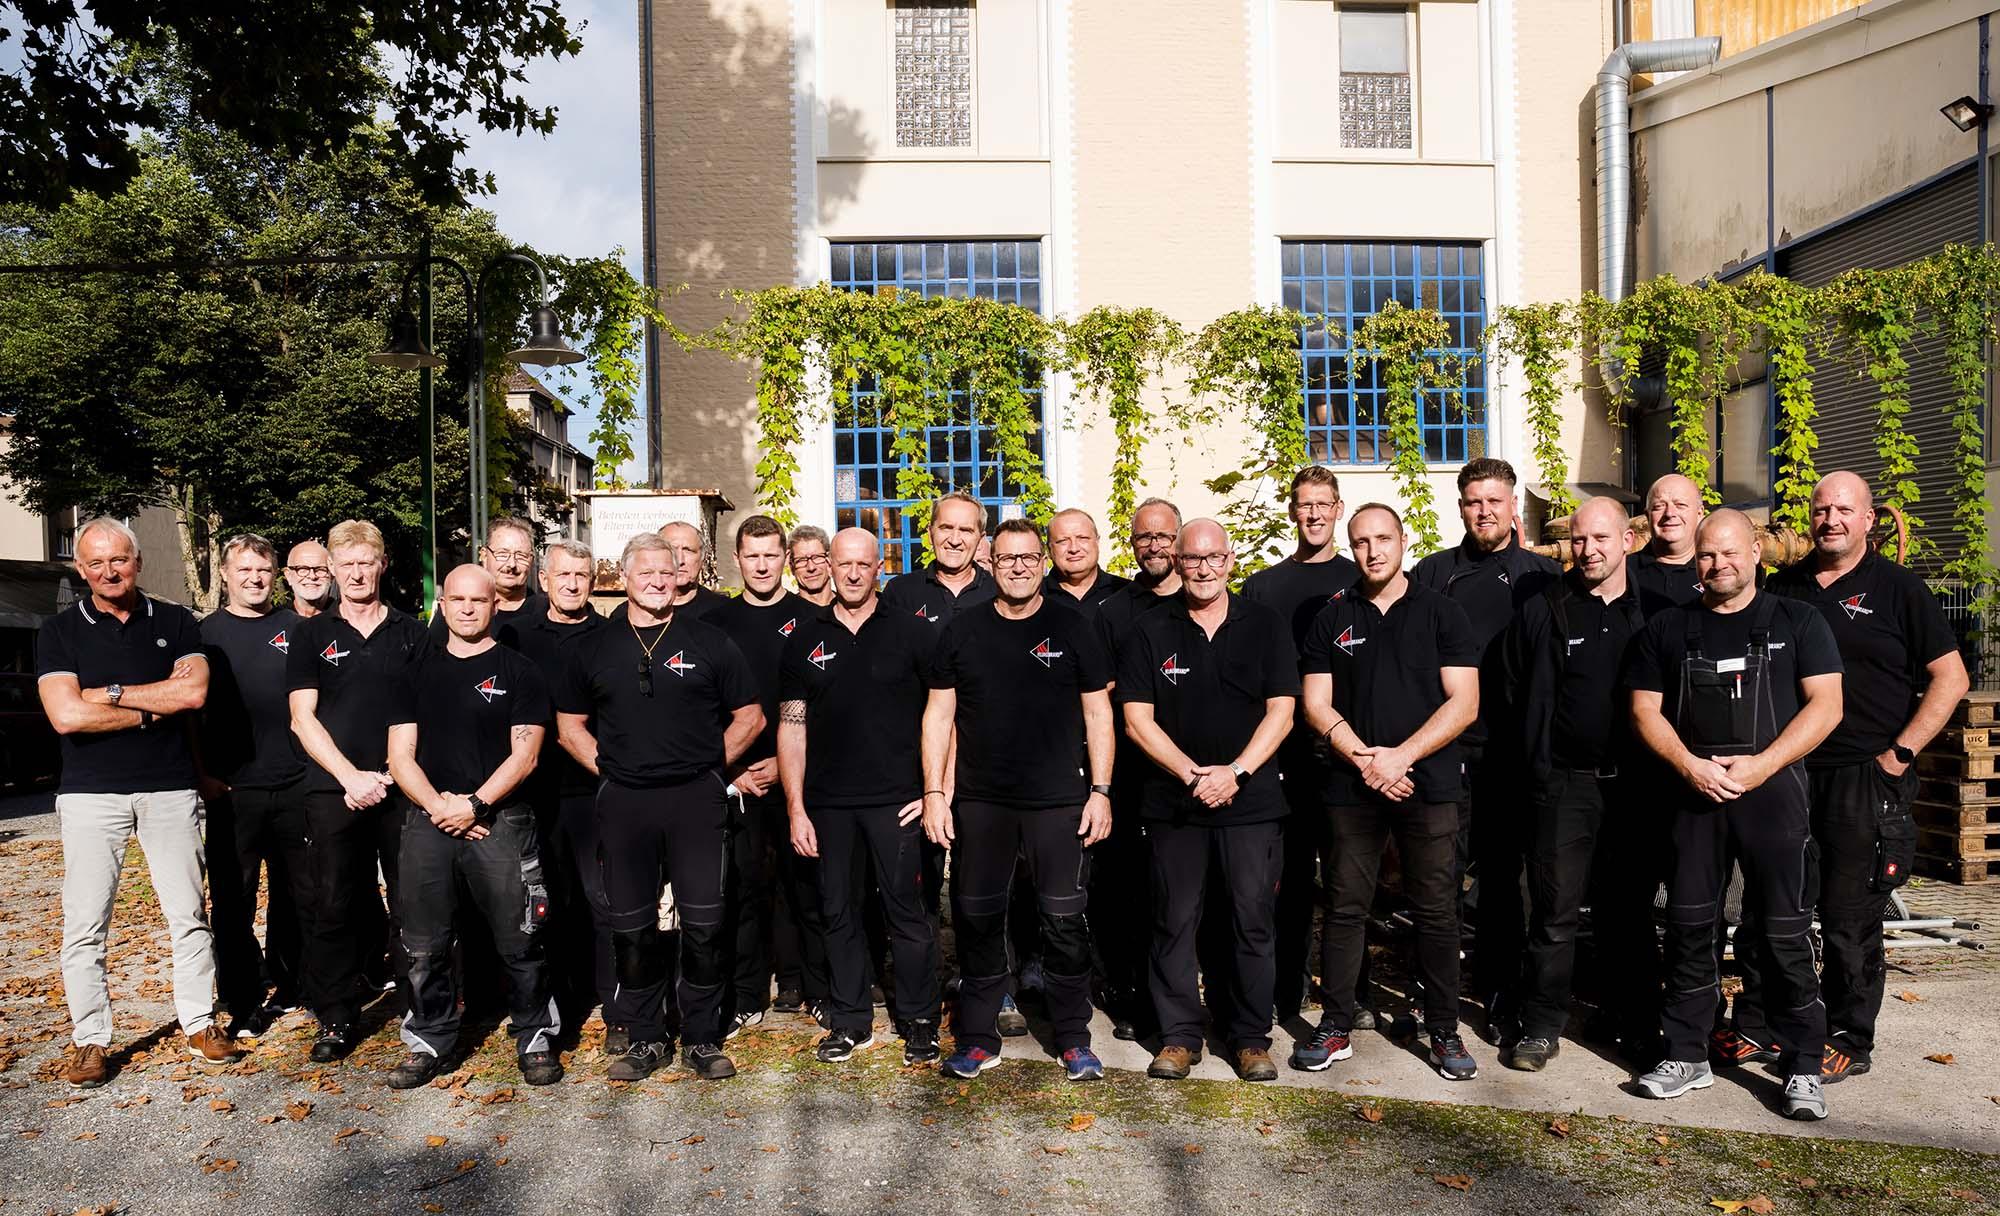 CWS Fire Safety Brandschutz für Region Essen (Feurobrand)